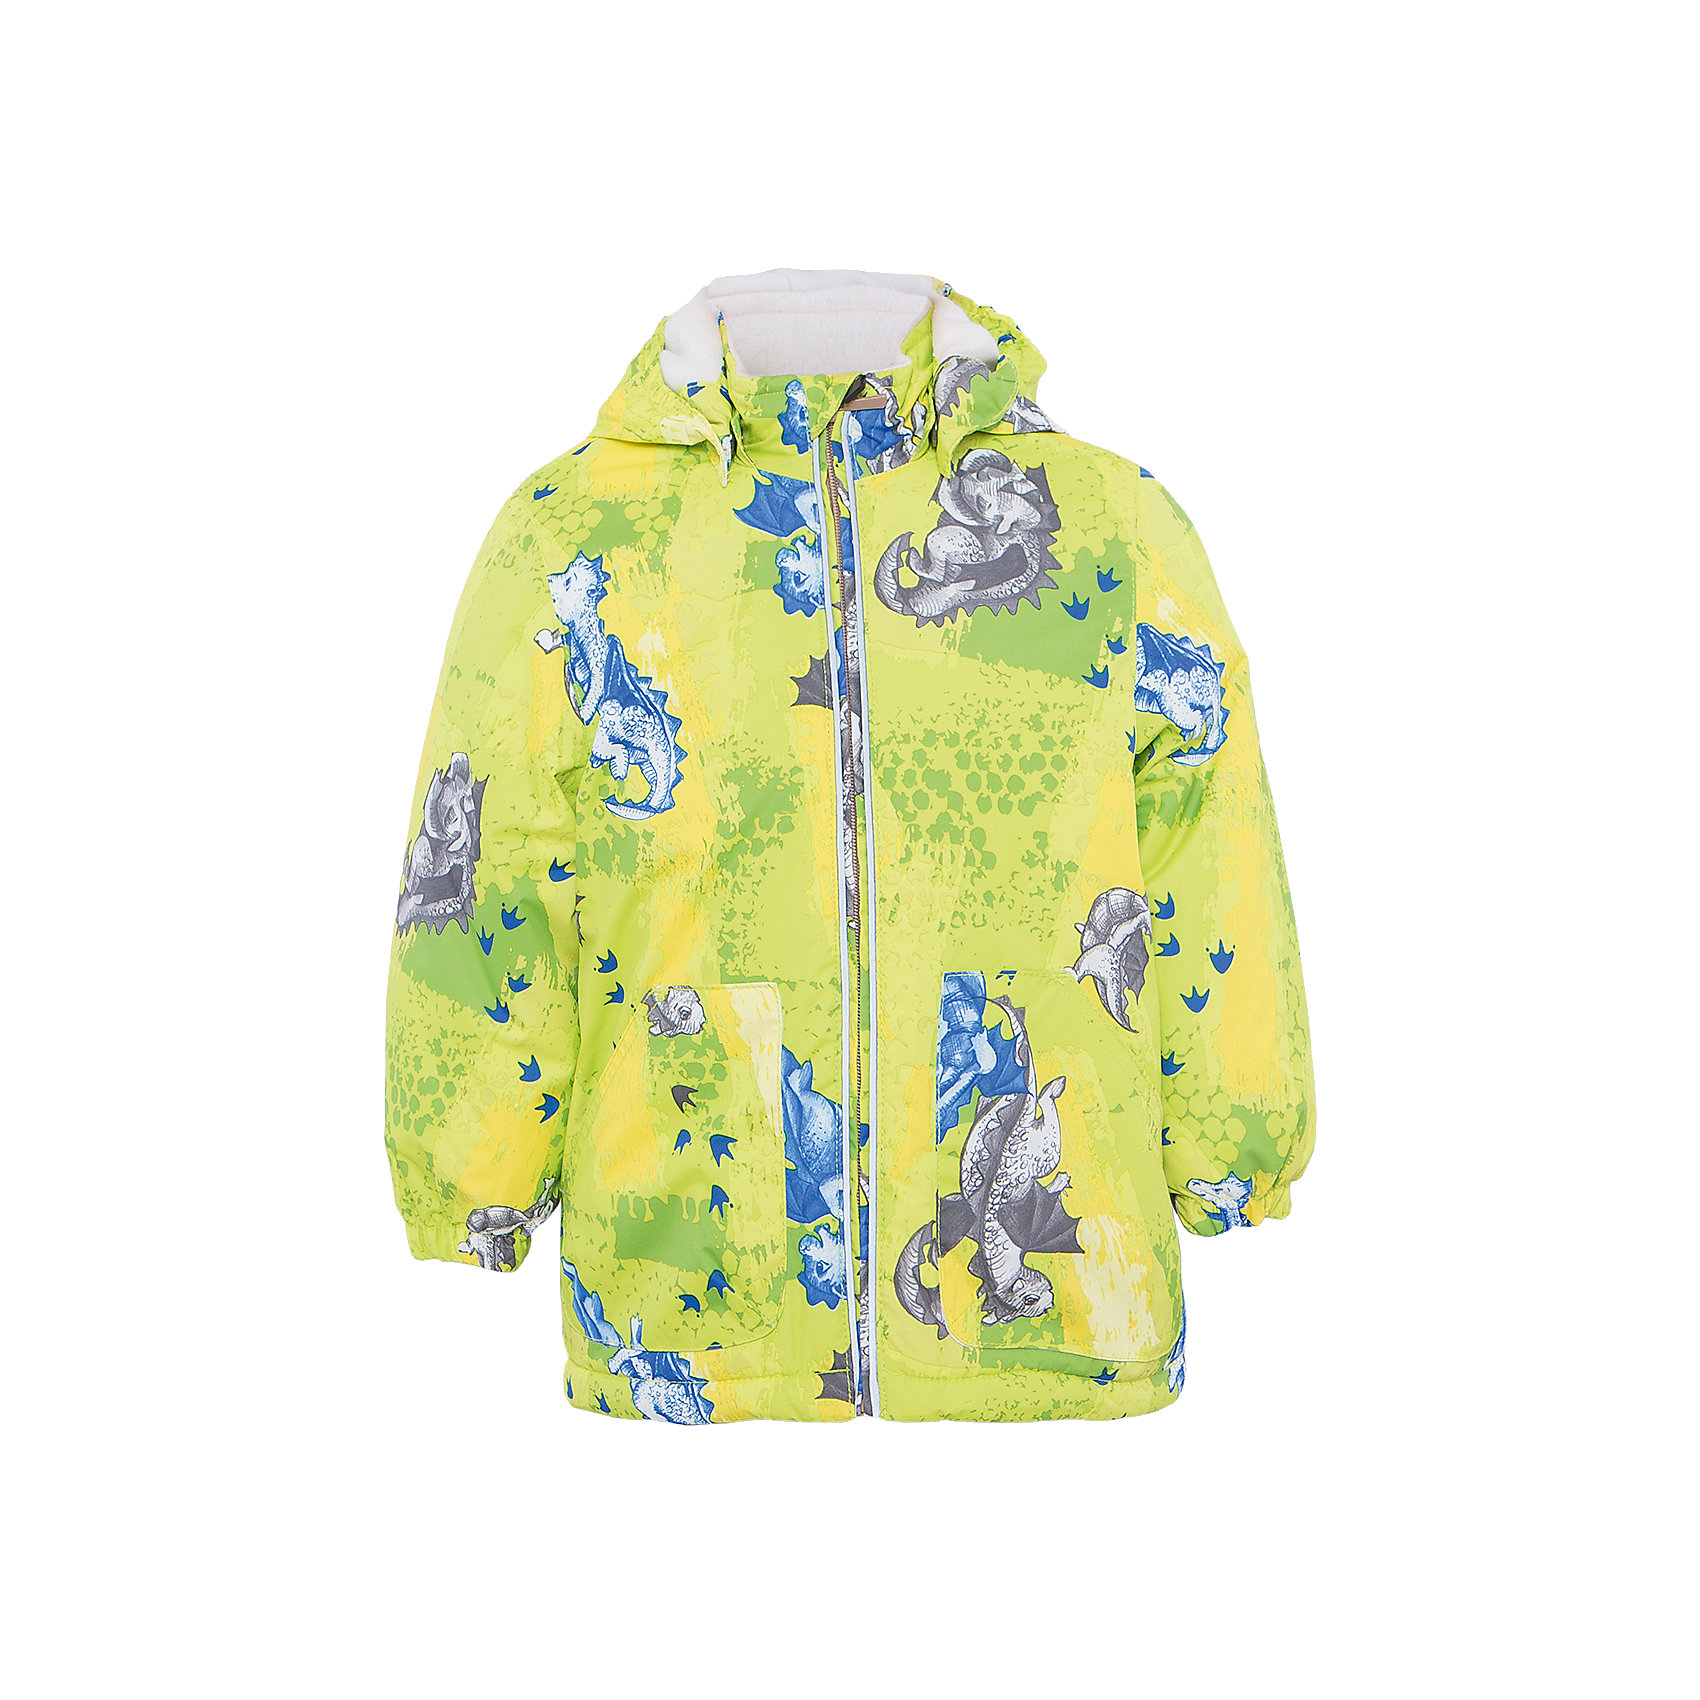 Куртка для мальчика BERTY HuppaВерхняя одежда<br>Характеристики товара:<br><br>• цвет: лайм принт<br>• ткань: 100% полиэстер<br>• подкладка: Coral-fleece, смесь хлопка и полиэстера, в рукавах тафат - 100% полиэстер<br>• утеплитель: 100% полиэстер 100 г<br>• температурный режим: от -5°С до +10°С<br>• водонепроницаемость: 5000 мм<br>• воздухопроницаемость: 5000 мм<br>• светоотражающие детали<br>• эластичные манжеты<br>• эластичный шнурок + фиксатор<br>• защита подбородка<br>• съёмный капюшон с резинкой<br>• комфортная посадка<br>• коллекция: весна-лето 2017<br>• страна бренда: Эстония<br><br>Такая легкая и стильная куртка обеспечит детям тепло и комфорт. Она сделана из материала, отталкивающего воду, и дополнено подкладкой с утеплителем, поэтому изделие идеально подходит для межсезонья. Материал изделия - с мембранной технологией: защищая от влаги и ветра, он легко выводит лишнюю влагу наружу. Для удобства сделан капюшон. Куртка очень симпатично смотрится, яркая расцветка и крой добавляют ему оригинальности. Модель была разработана специально для детей.<br><br>Одежда и обувь от популярного эстонского бренда Huppa - отличный вариант одеть ребенка можно и комфортно. Вещи, выпускаемые компанией, качественные, продуманные и очень удобные. Для производства изделий используются только безопасные для детей материалы. Продукция от Huppa порадует и детей, и их родителей!<br><br>Куртку для мальчика BERTY от бренда Huppa (Хуппа) можно купить в нашем интернет-магазине.<br><br>Ширина мм: 356<br>Глубина мм: 10<br>Высота мм: 245<br>Вес г: 519<br>Цвет: зеленый<br>Возраст от месяцев: 24<br>Возраст до месяцев: 36<br>Пол: Мужской<br>Возраст: Детский<br>Размер: 98,104,110,80,86,92<br>SKU: 5346945